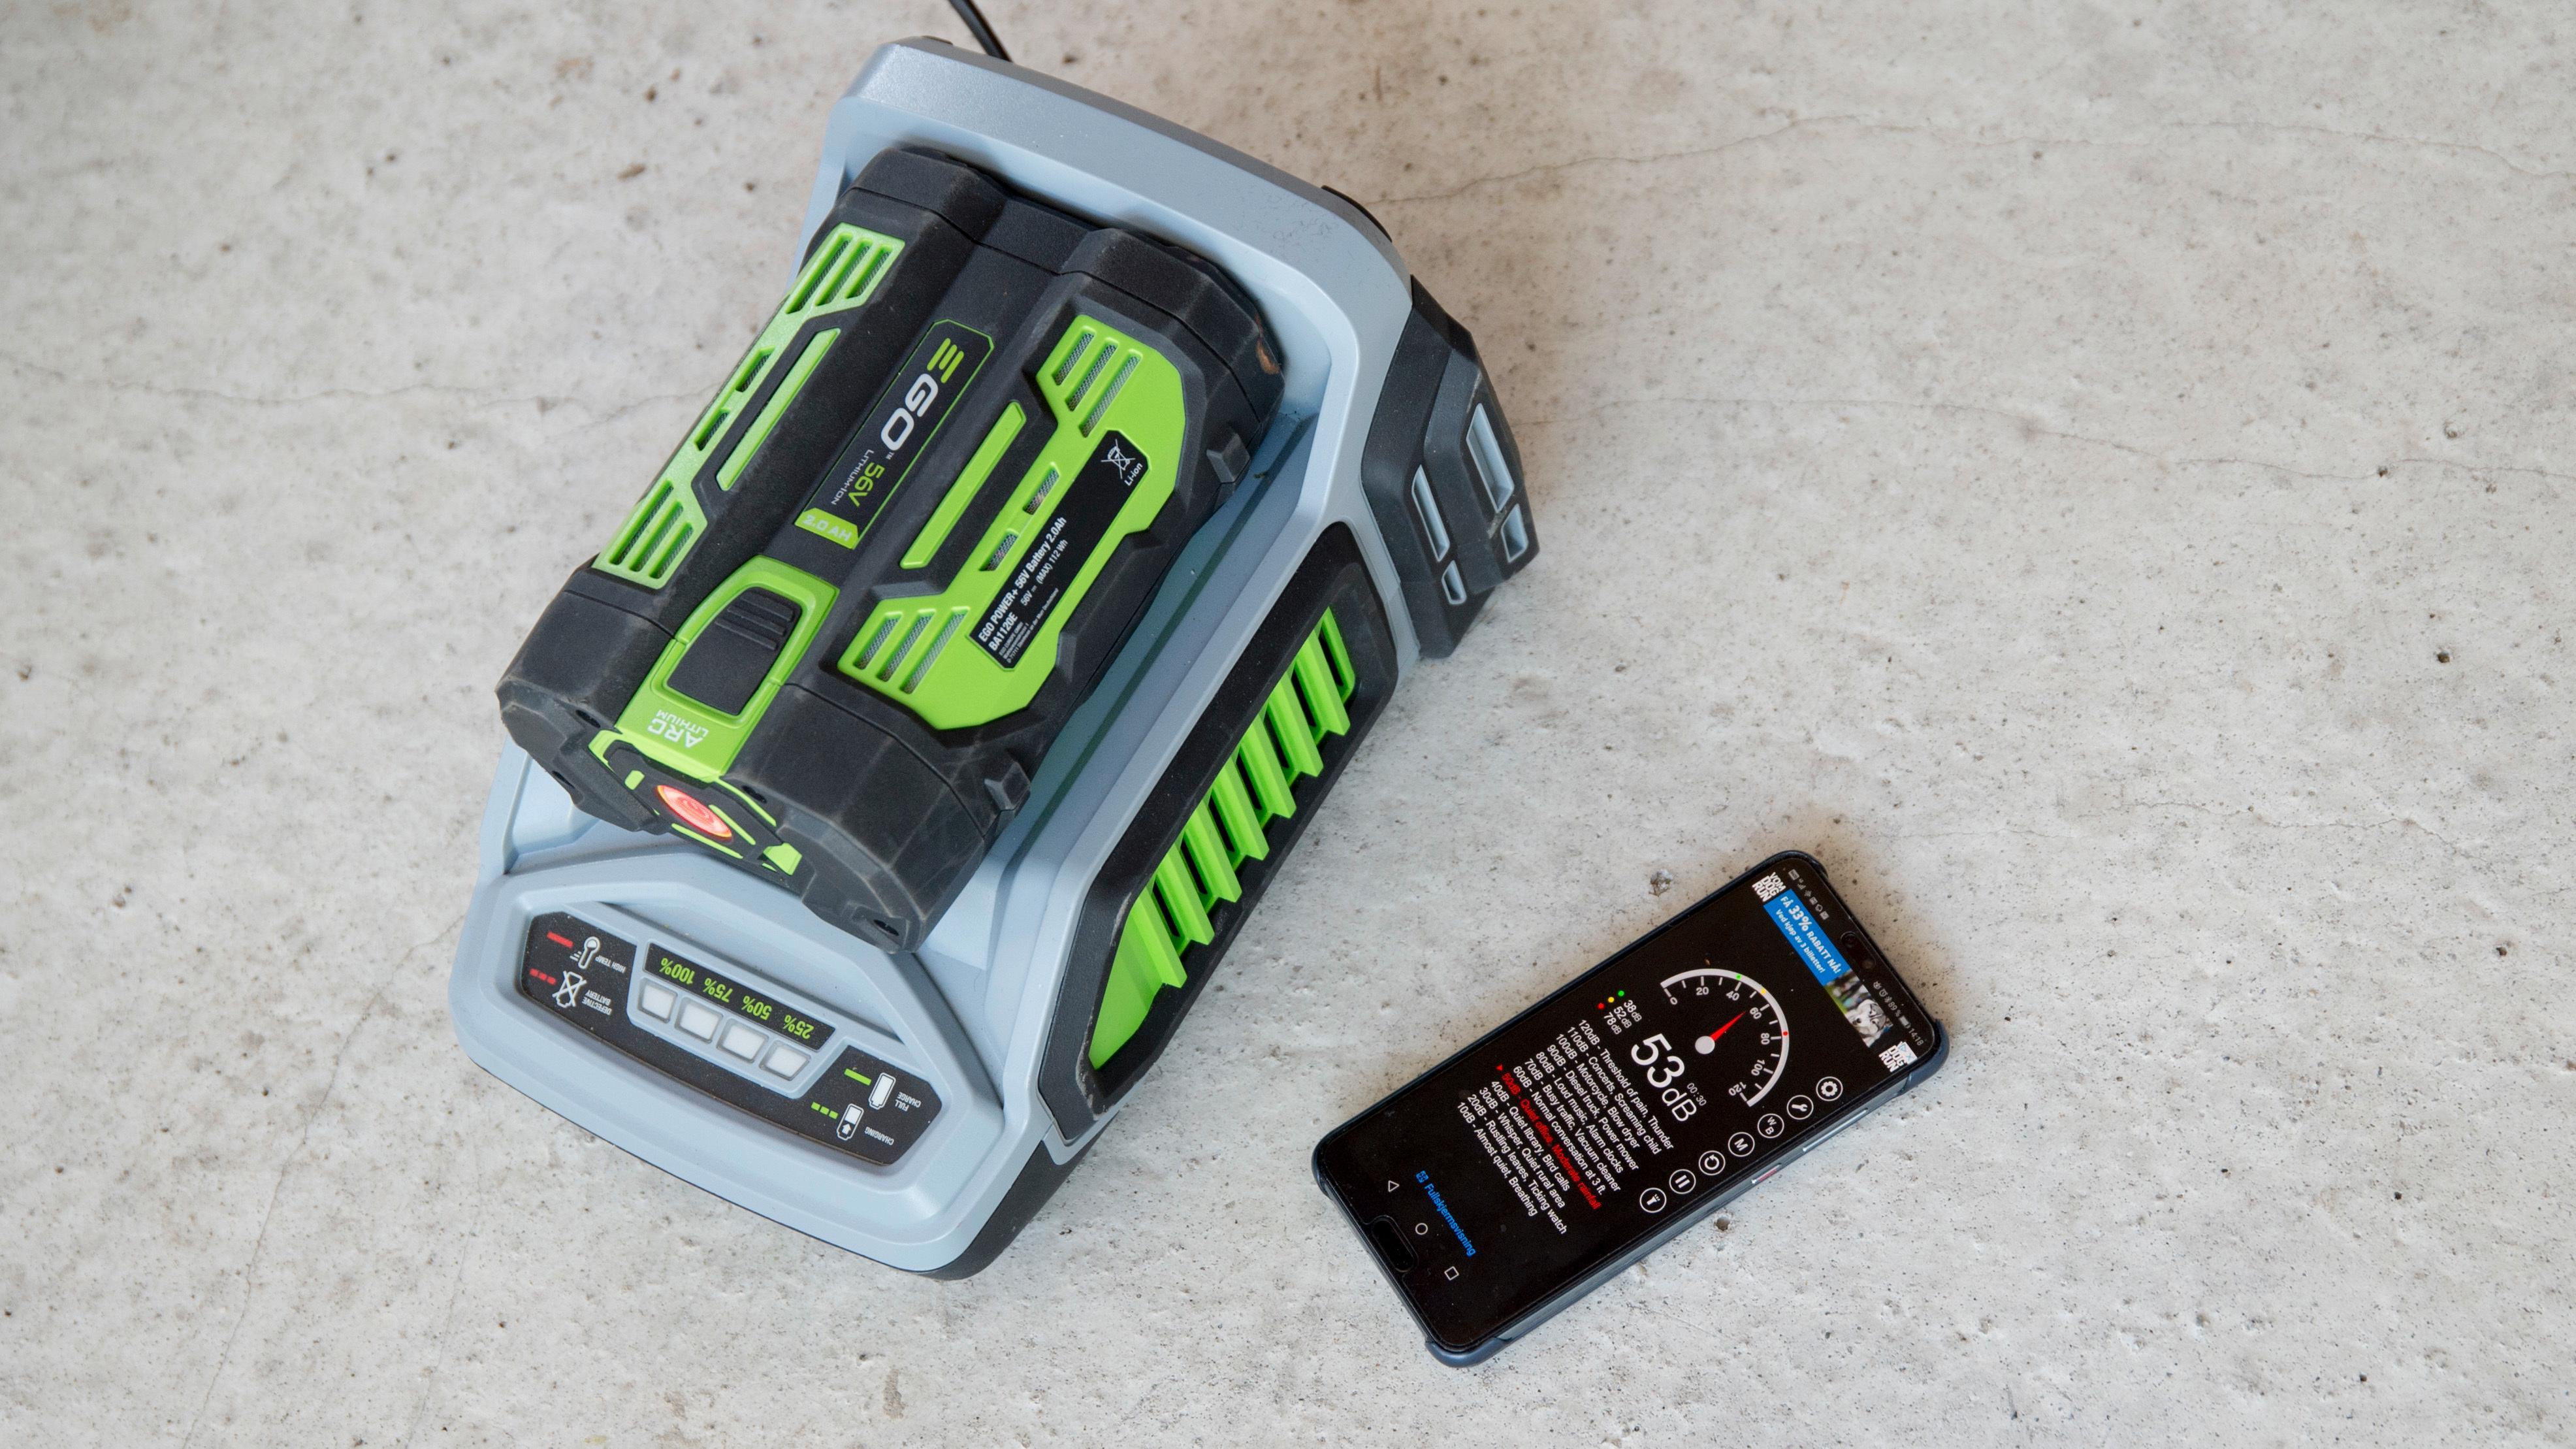 Batteriladeren støyer litt under lading, men ikke noe sjenerende.